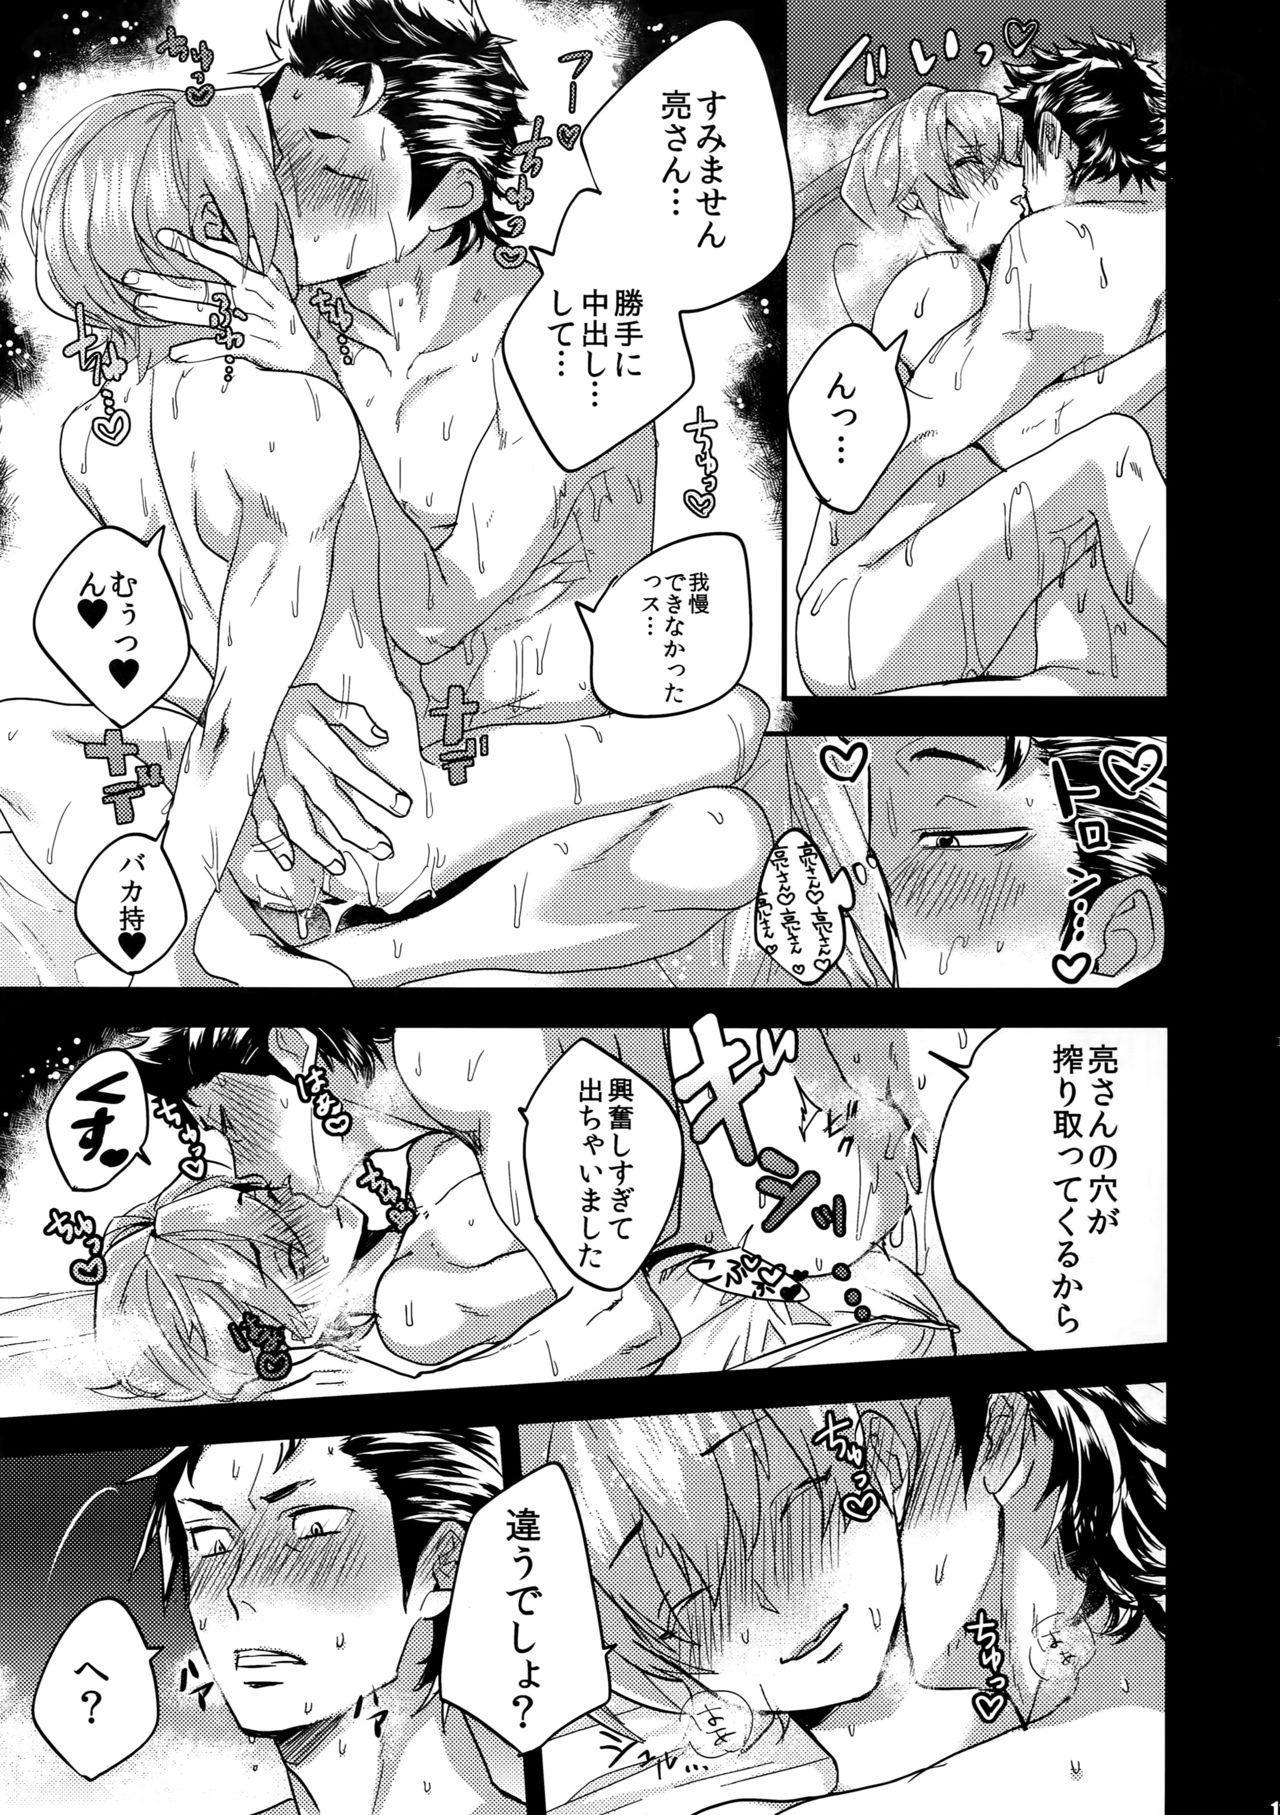 Himitsu no Niyuukan 9